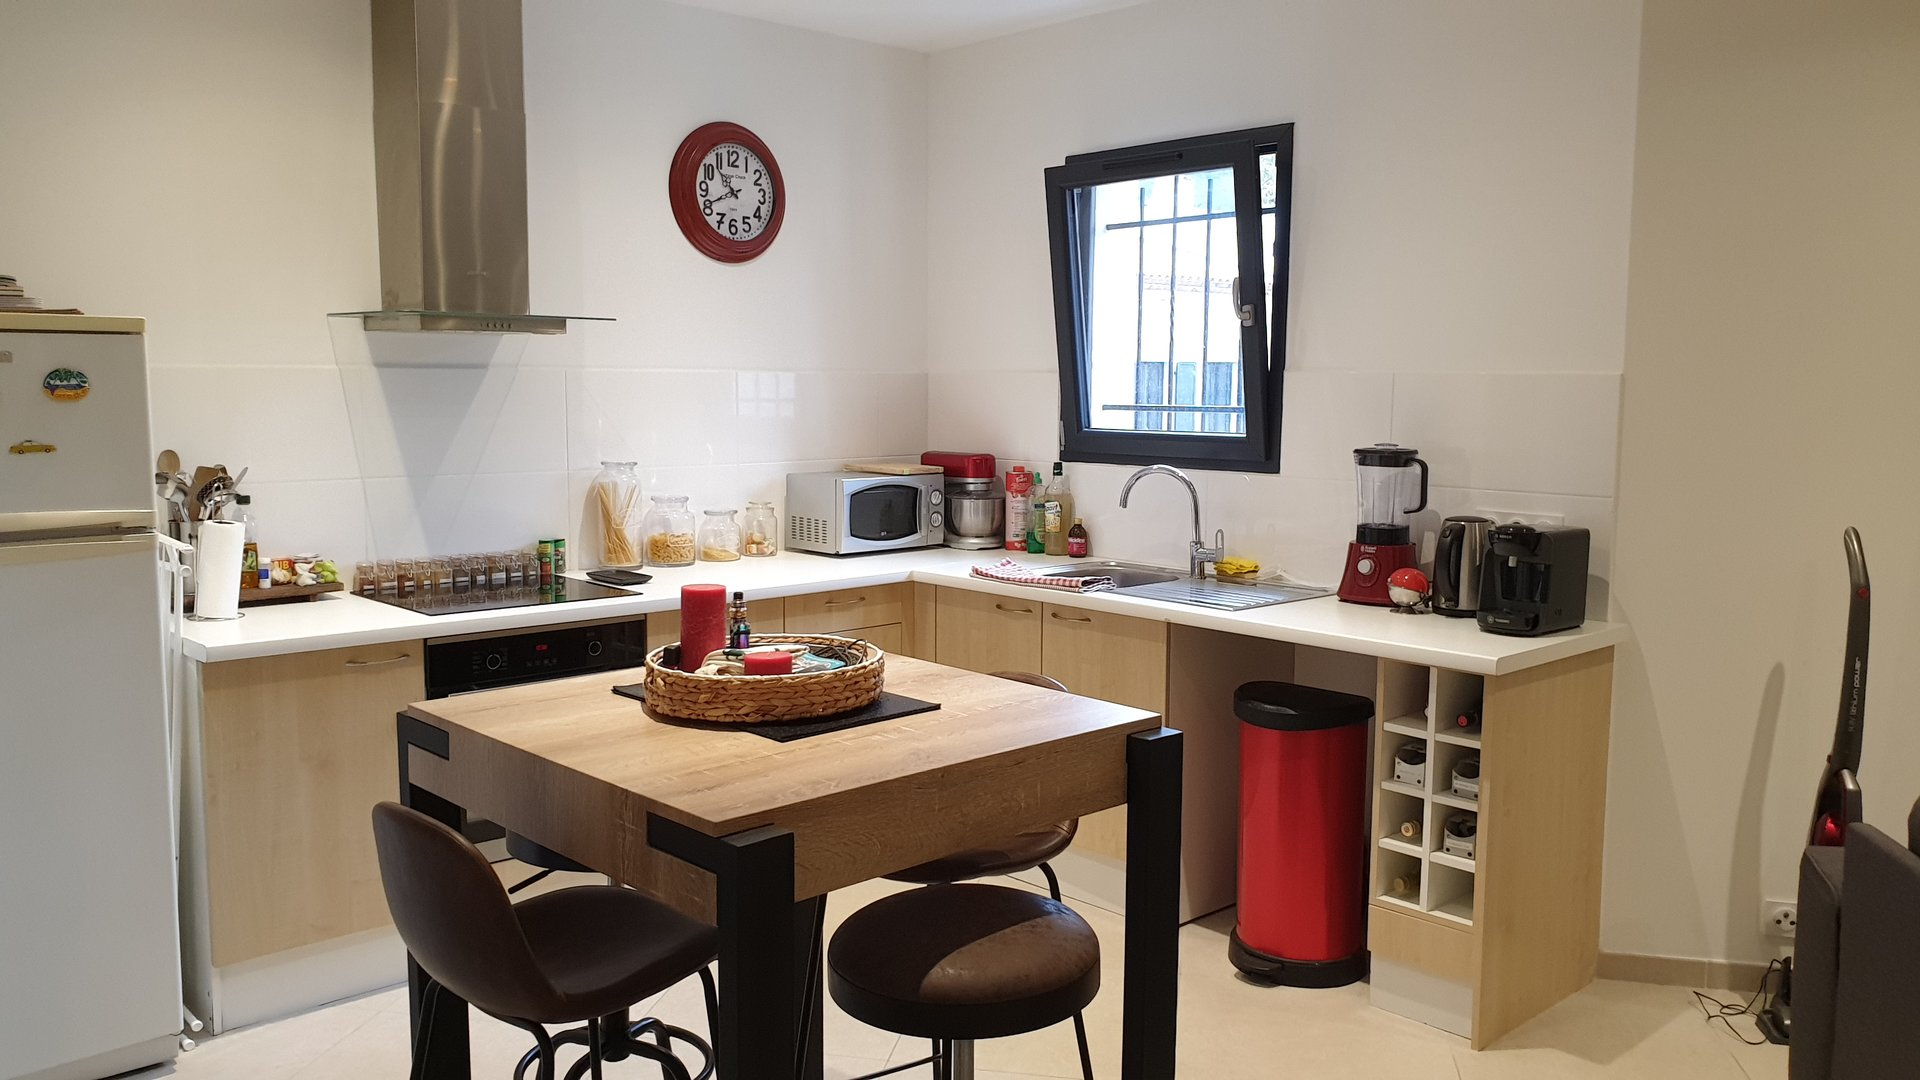 Affitto Appartamento - La Môle